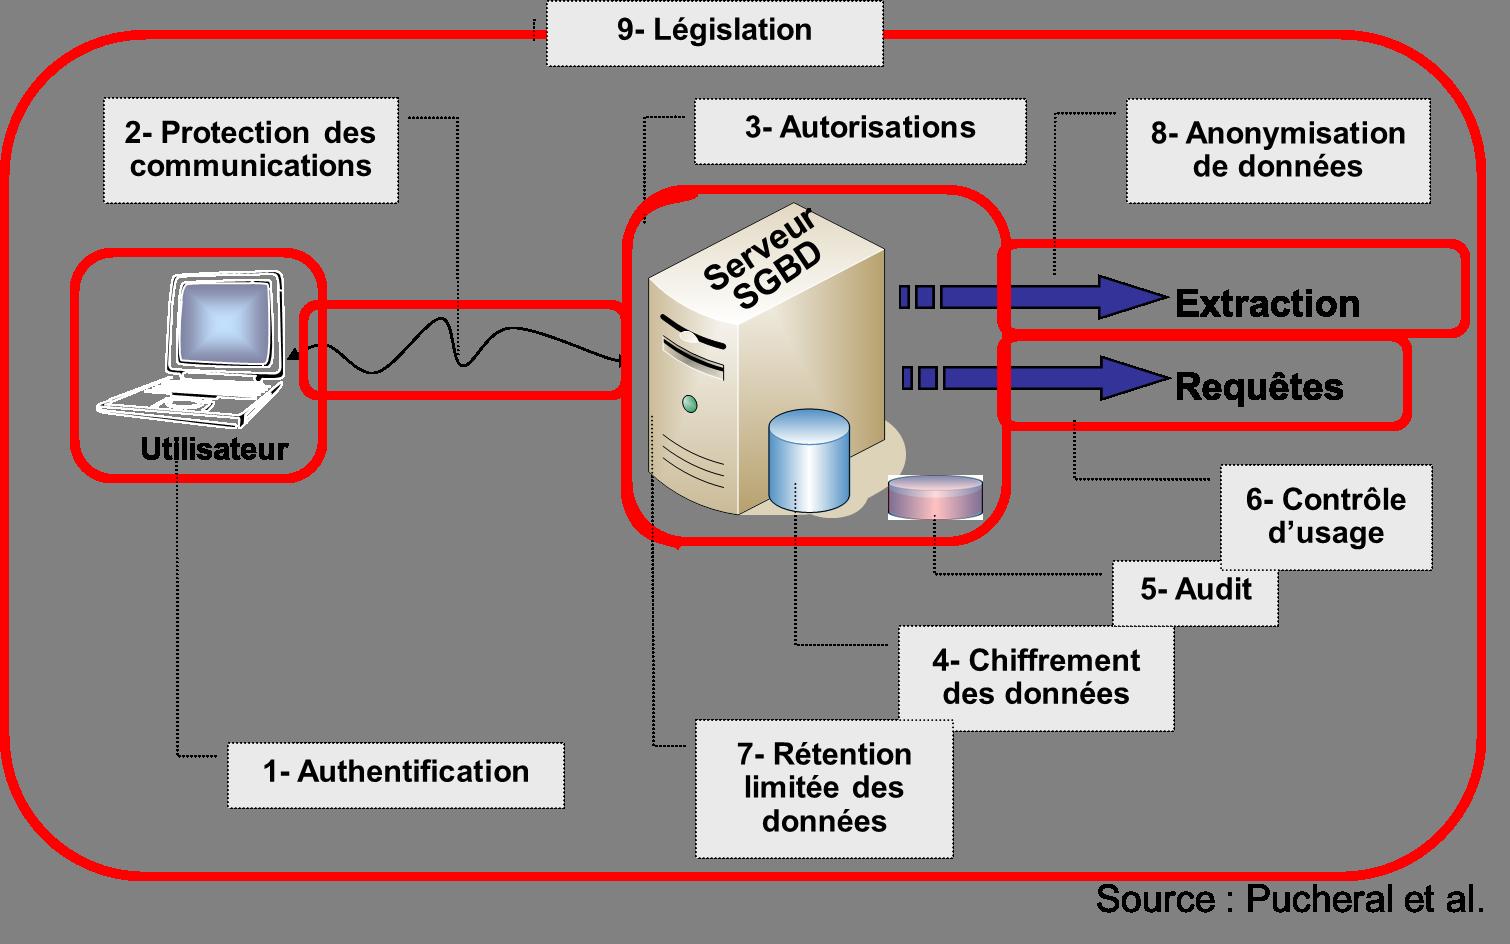 Authentification. Protection des communications. Autorisations. Chiffrement des données. Audit. Contrôle d'usage. Rétention limitée des données. Anonymisation des données. Législation.